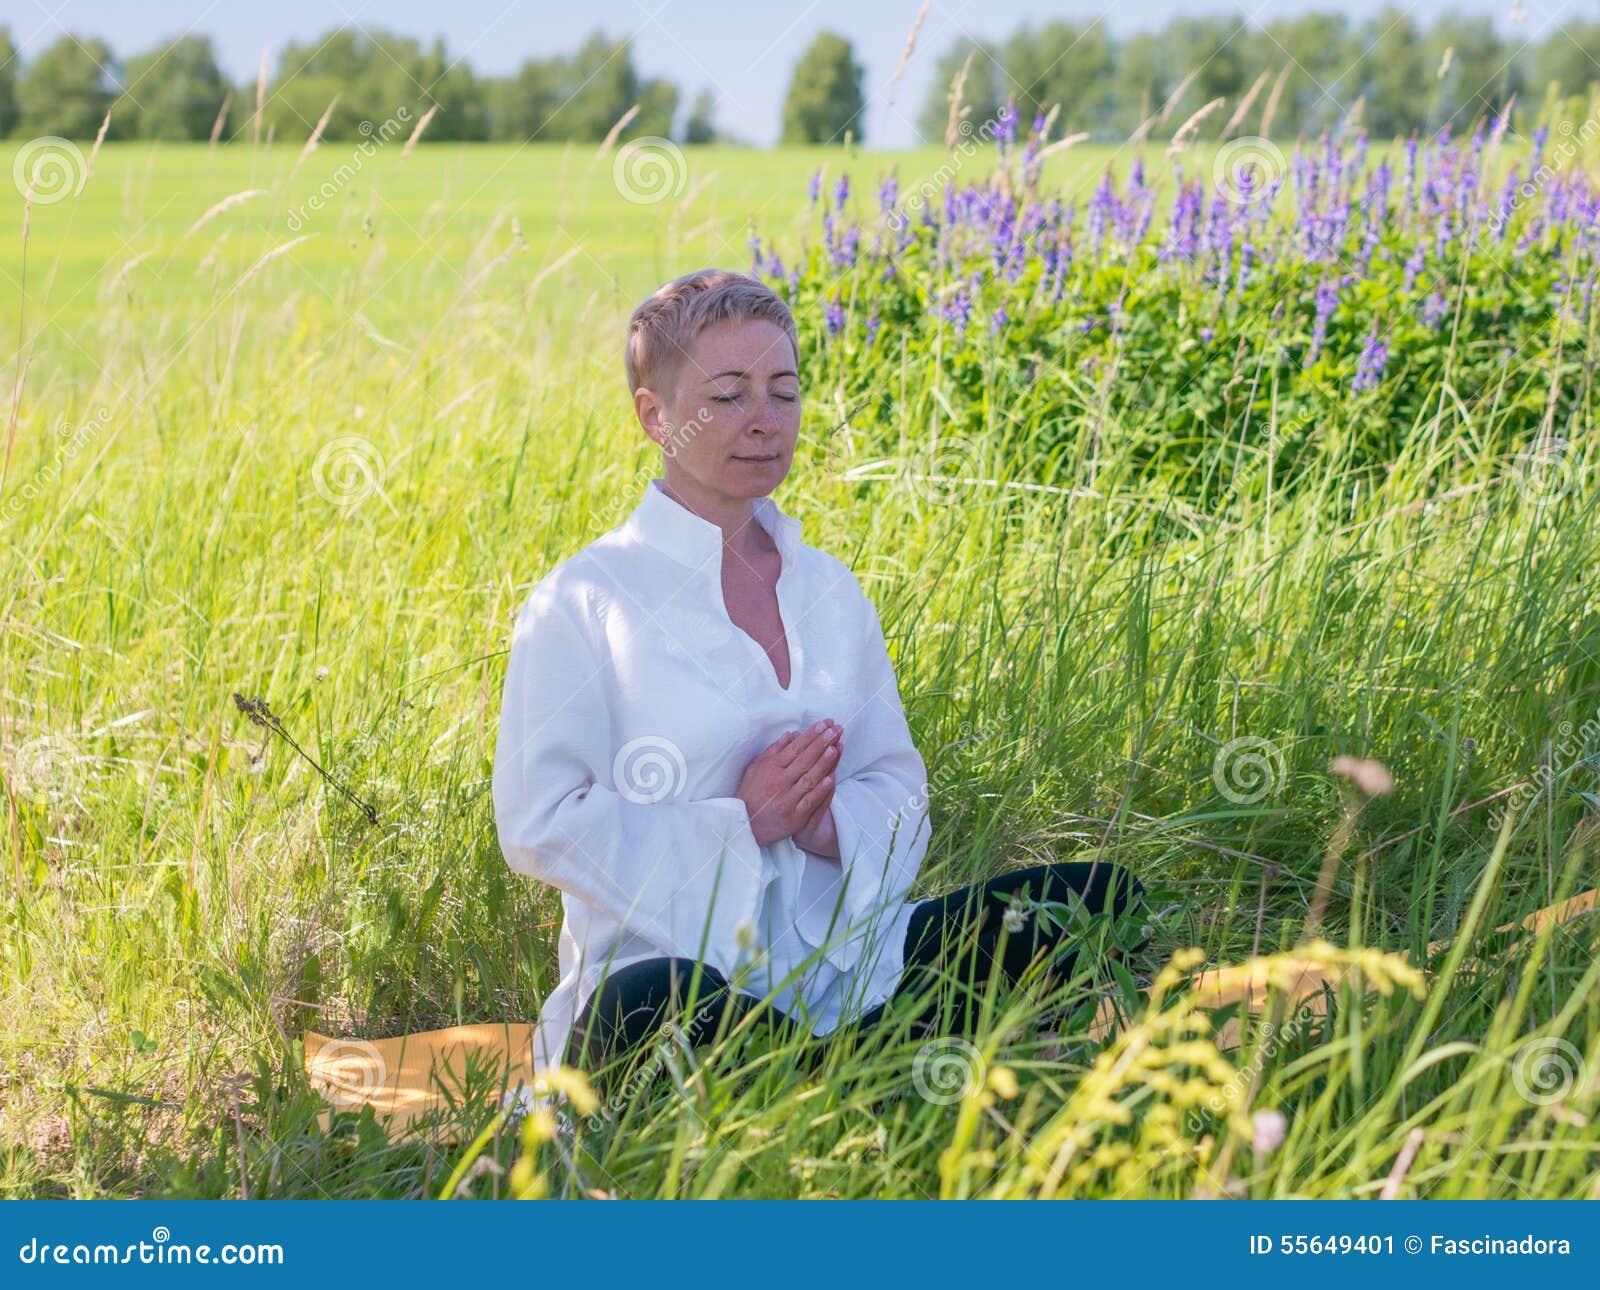 Фото на природе зрелых женщин 4 фотография